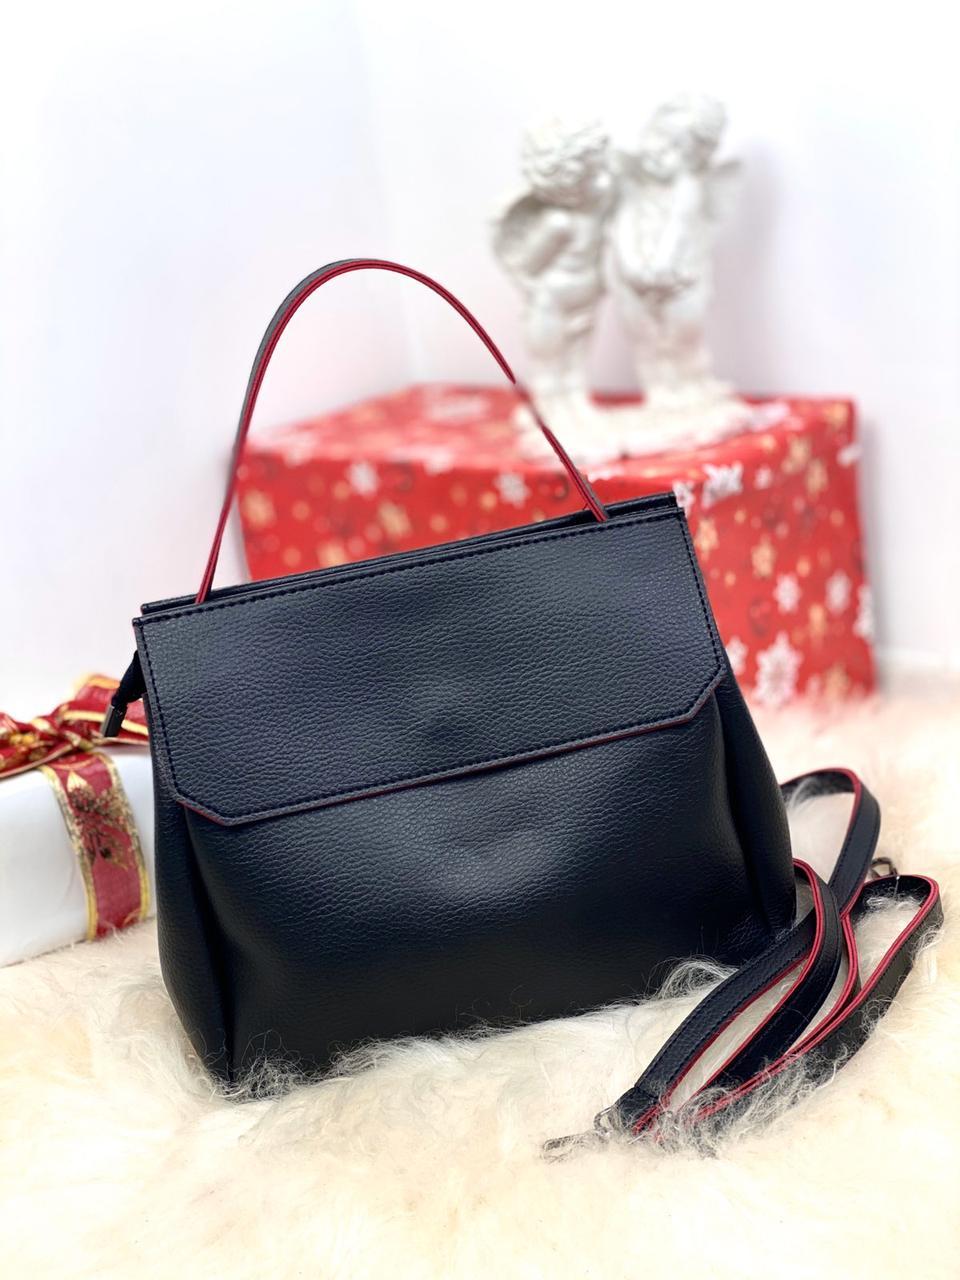 Черная женская небольшая сумка средняя деловая классическая сумочка кожзам